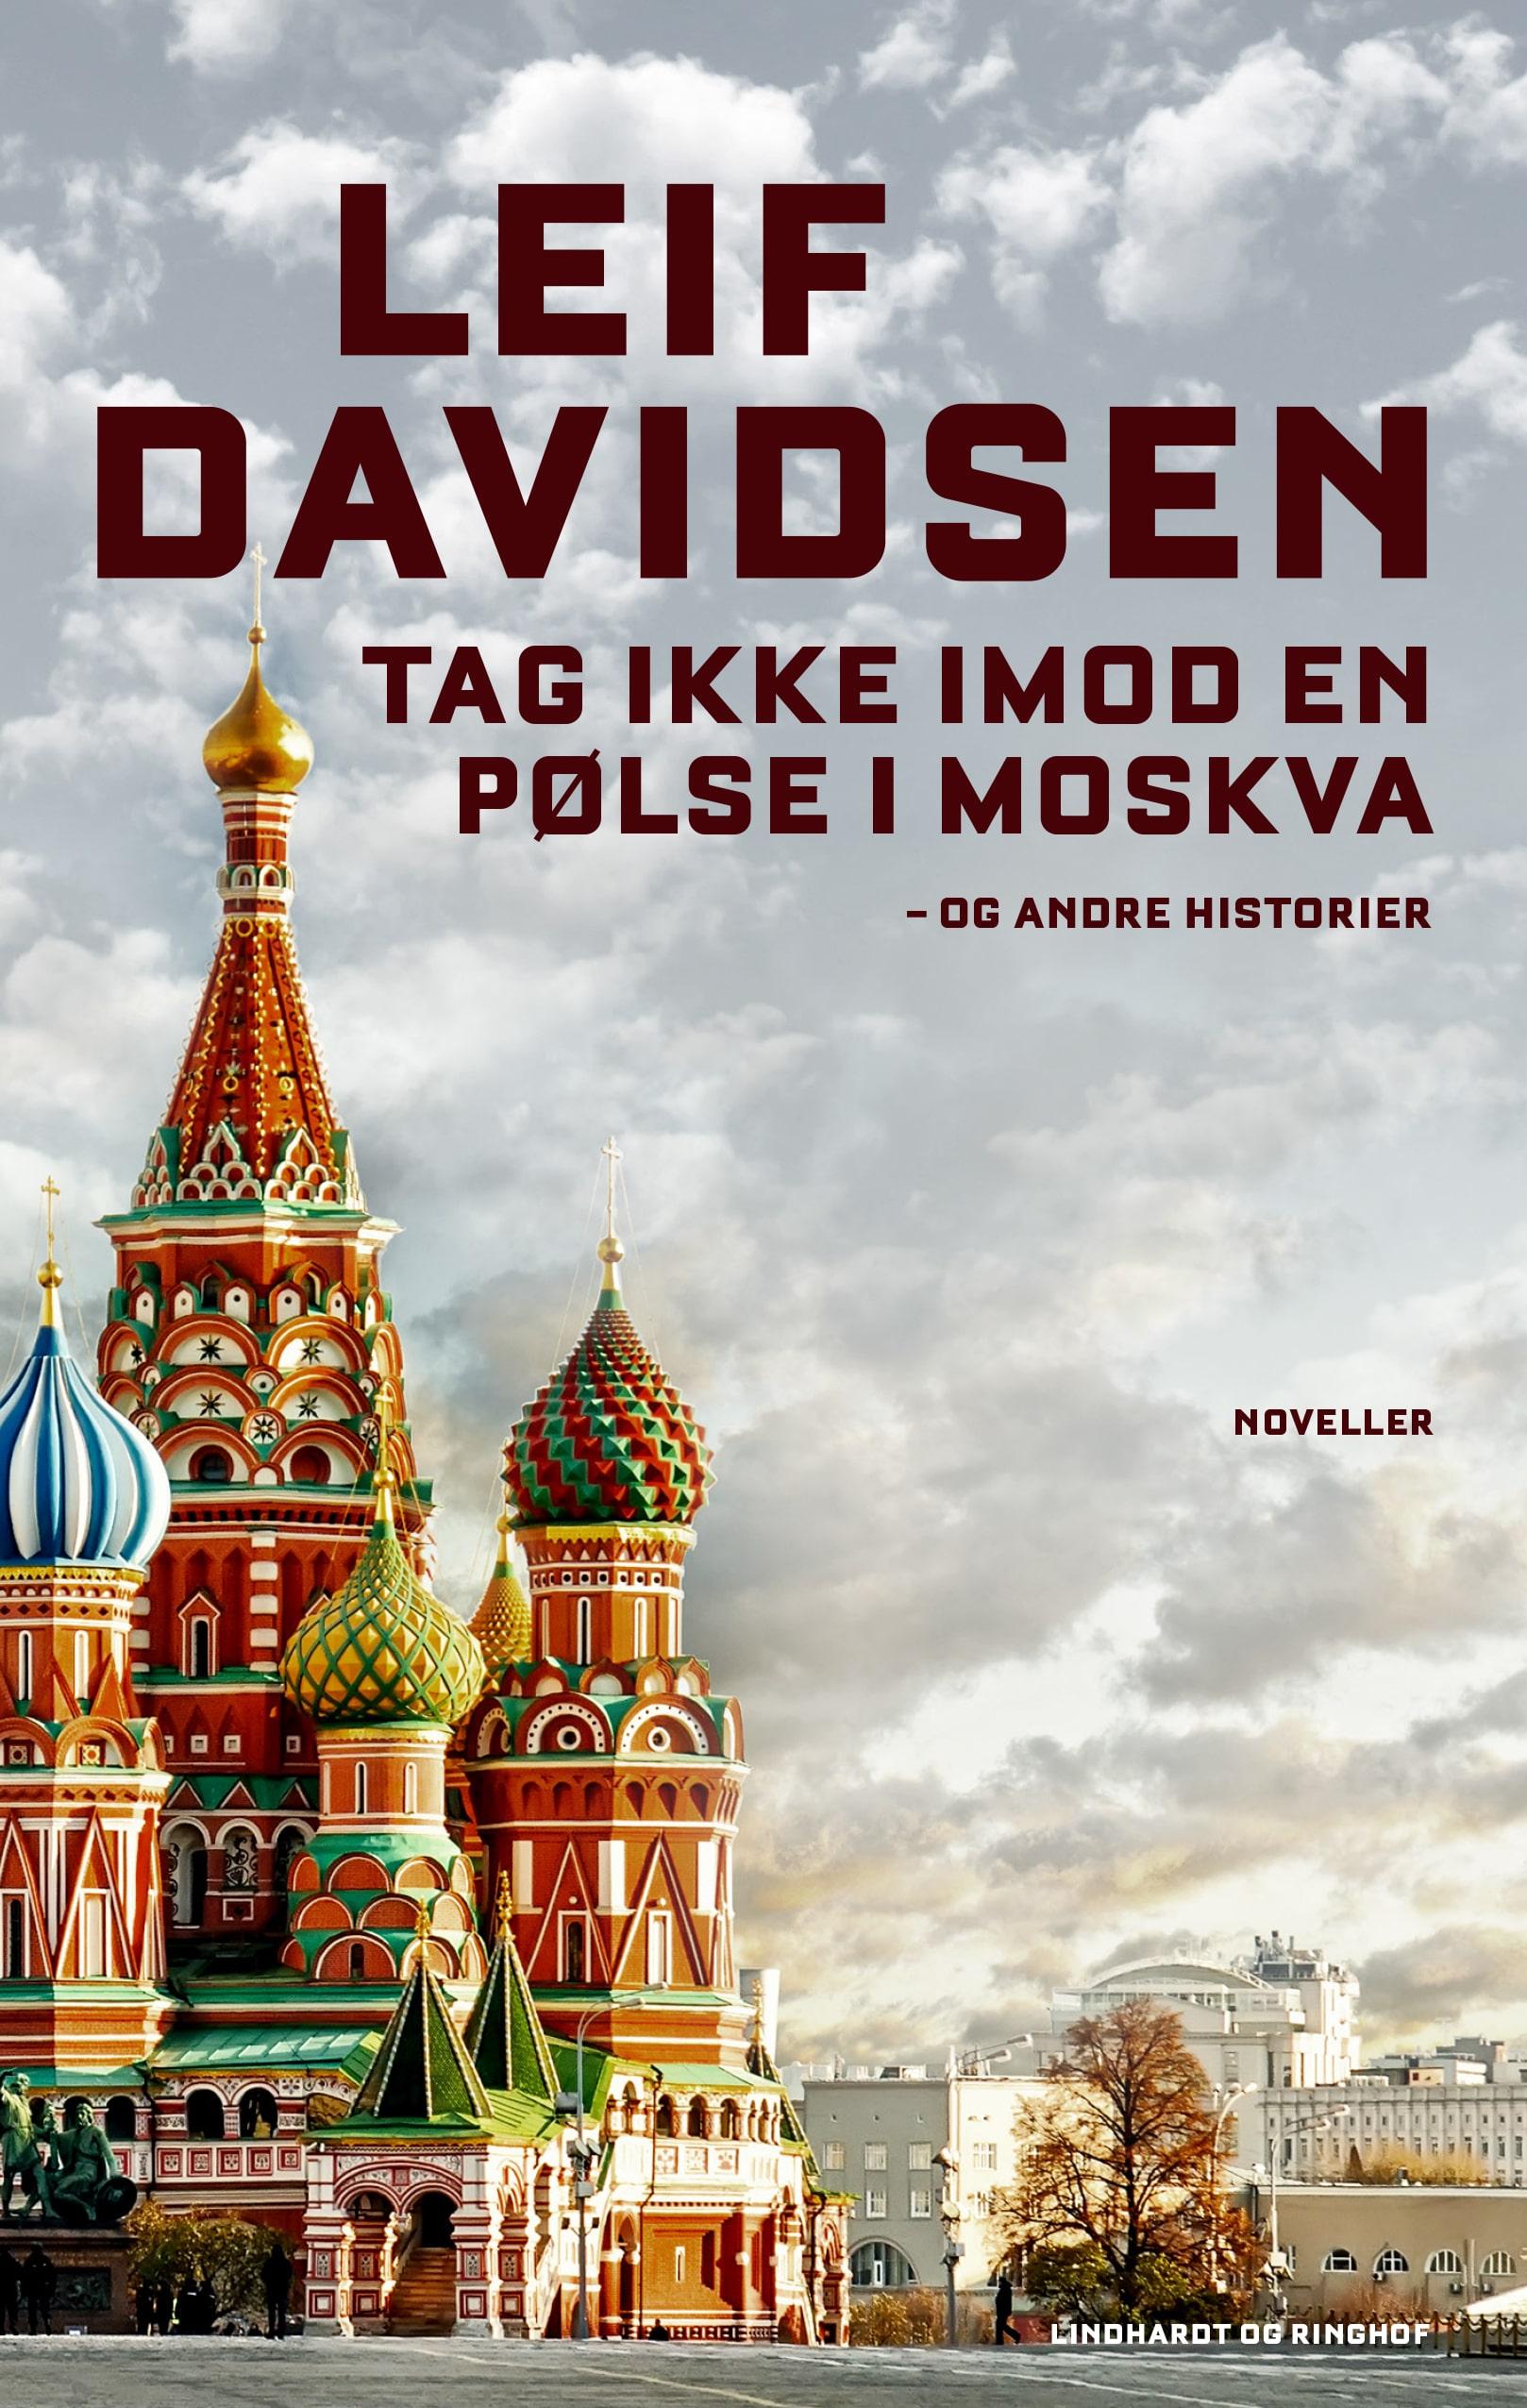 Leif Davidsen, Tag ikke imod en pølse i Moskva, Noveller, Novellesamling